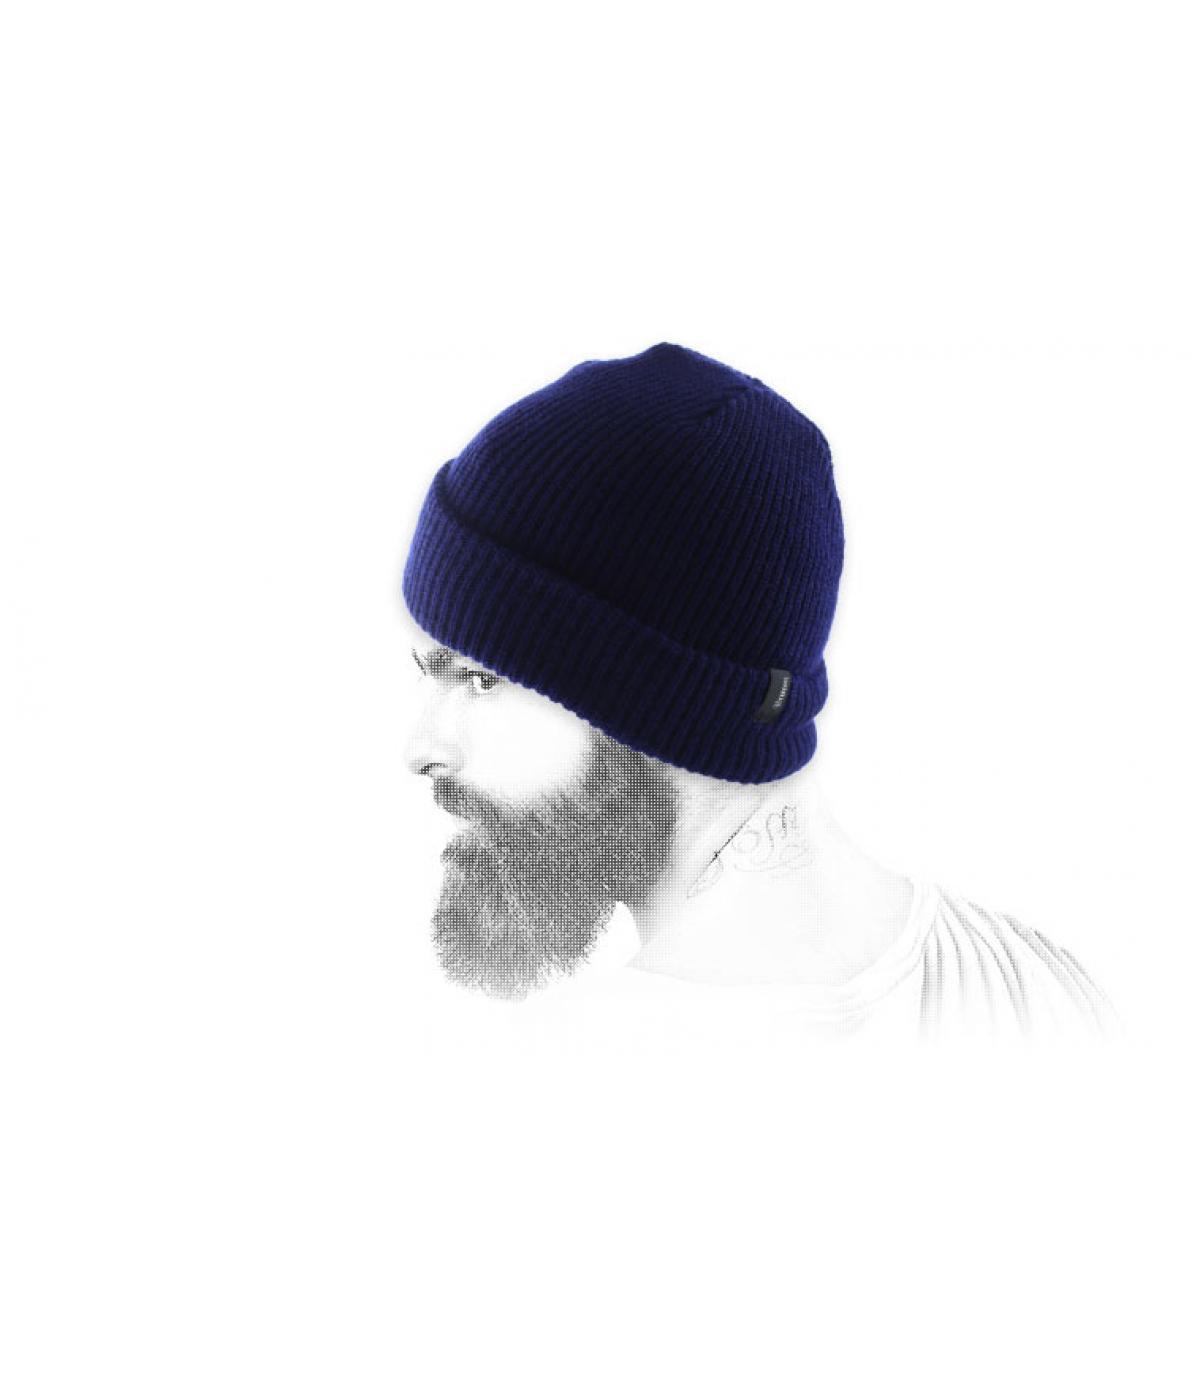 Bonnet Brixton bleu marine